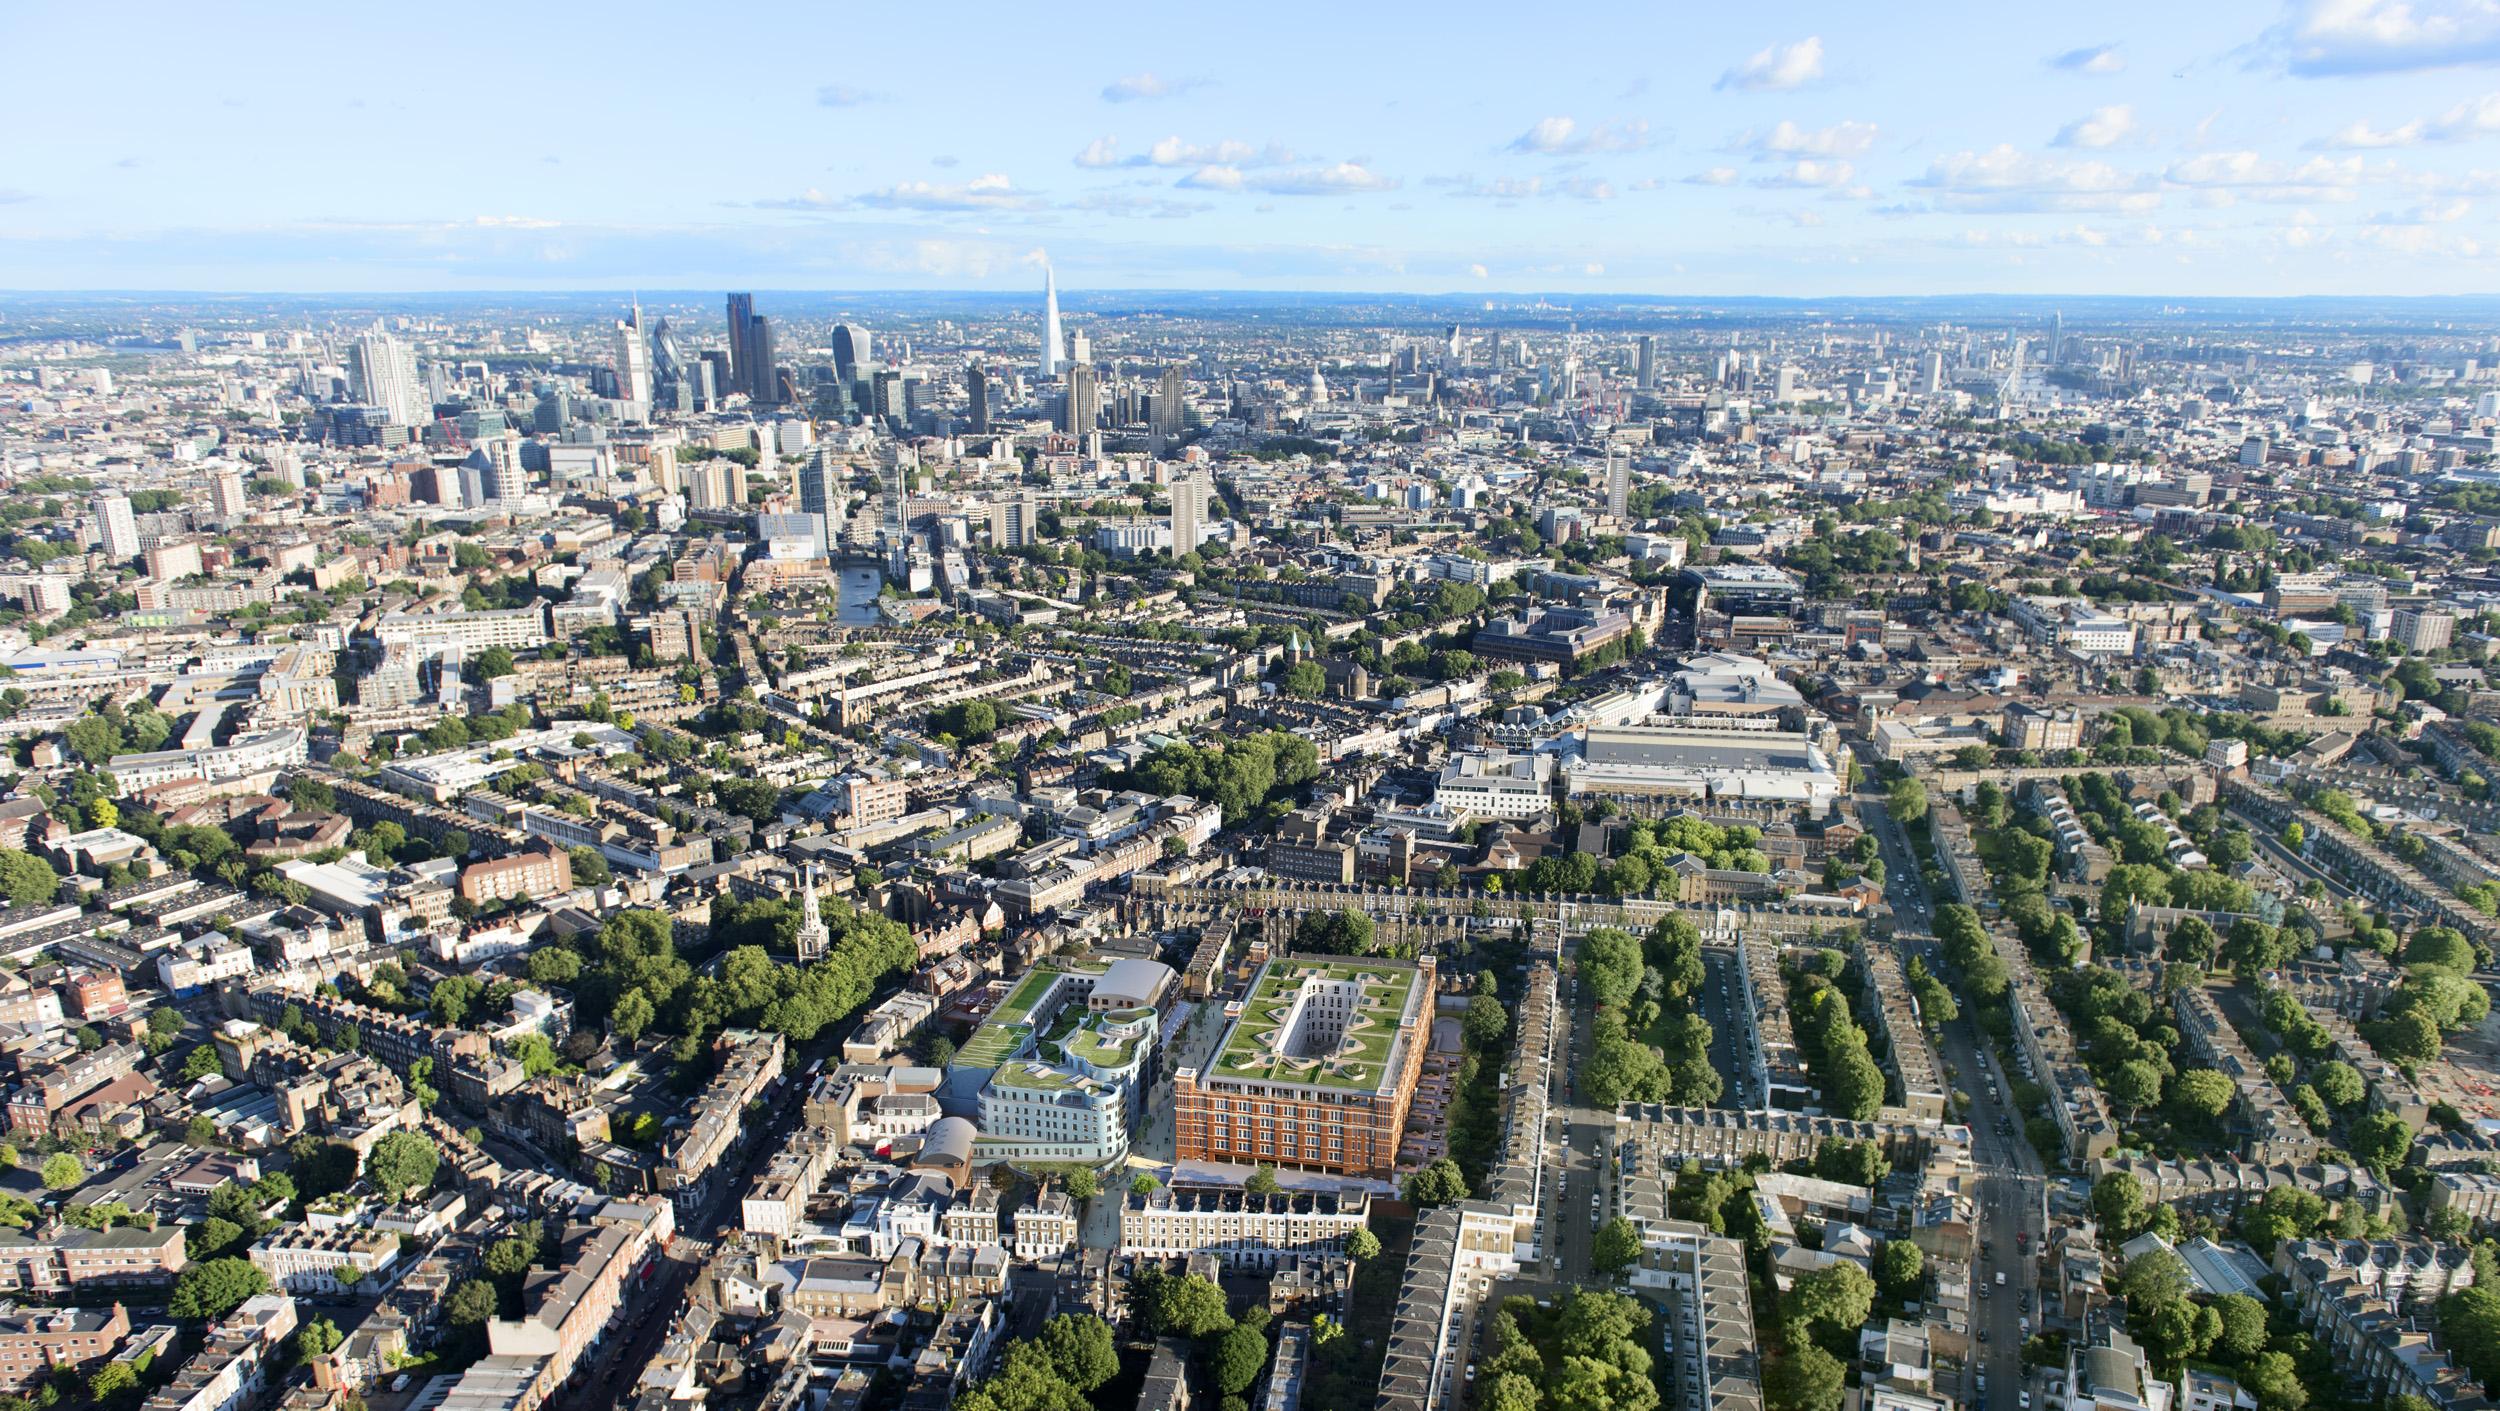 recent-spaces-islington-square-aerial